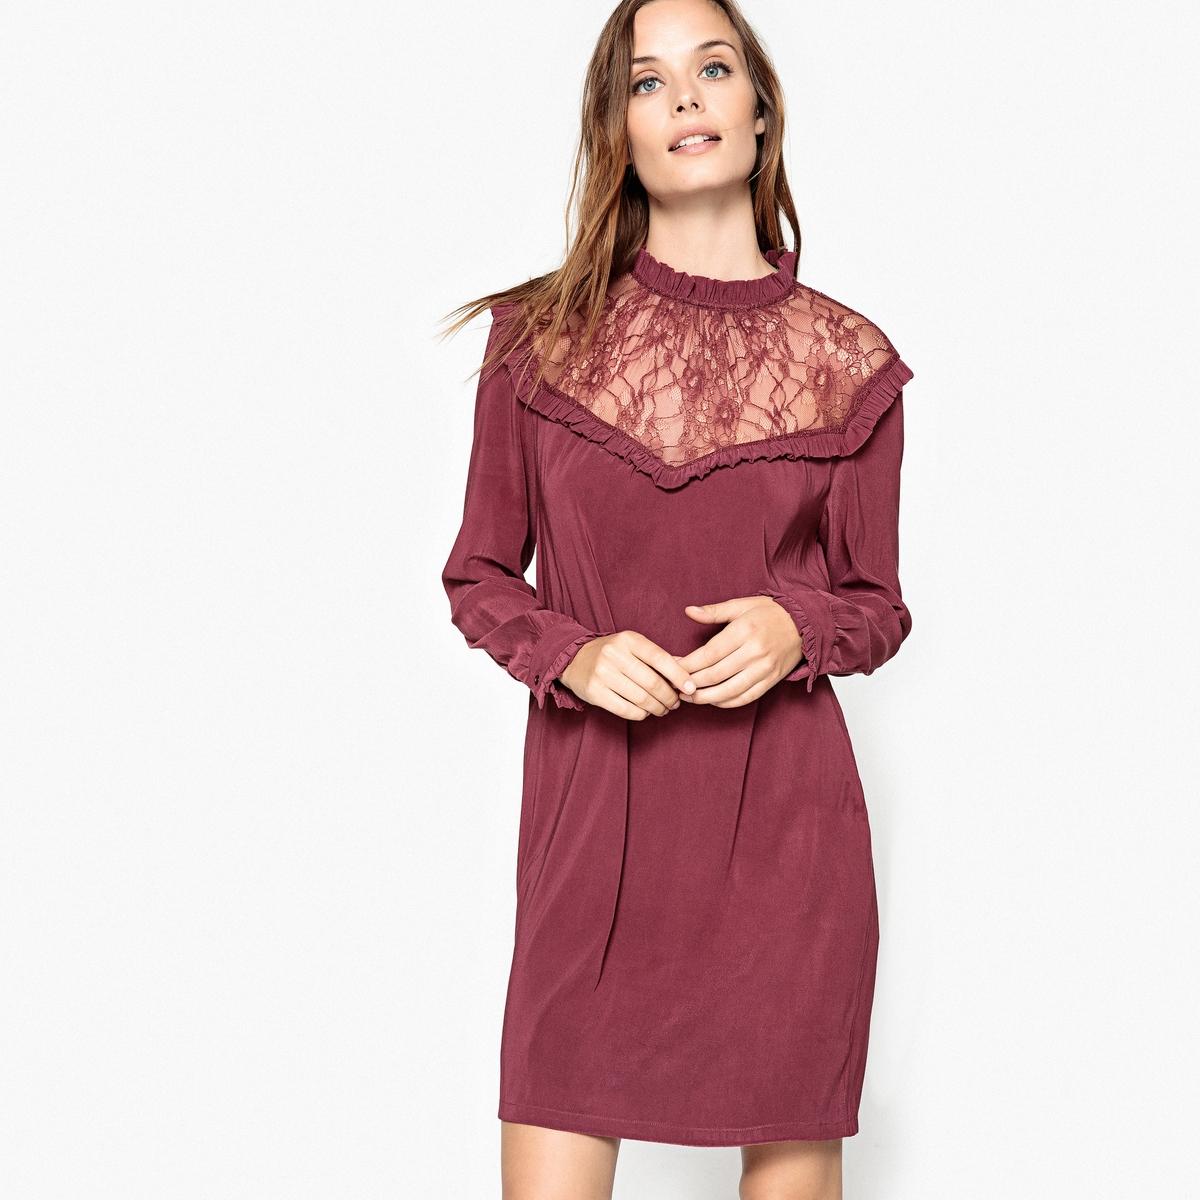 Платье однотонное короткого и расклешенного покроя с длинными рукавамиДетали •  Форма : расклешенная •  Укороченная модель •  Длинные рукава    •  Воротник-стойкаСостав и уход •  8% эластана, 92% полиэстера •  Следуйте советам по уходу, указанным на этикетке<br><br>Цвет: бордовый<br>Размер: L.S.M